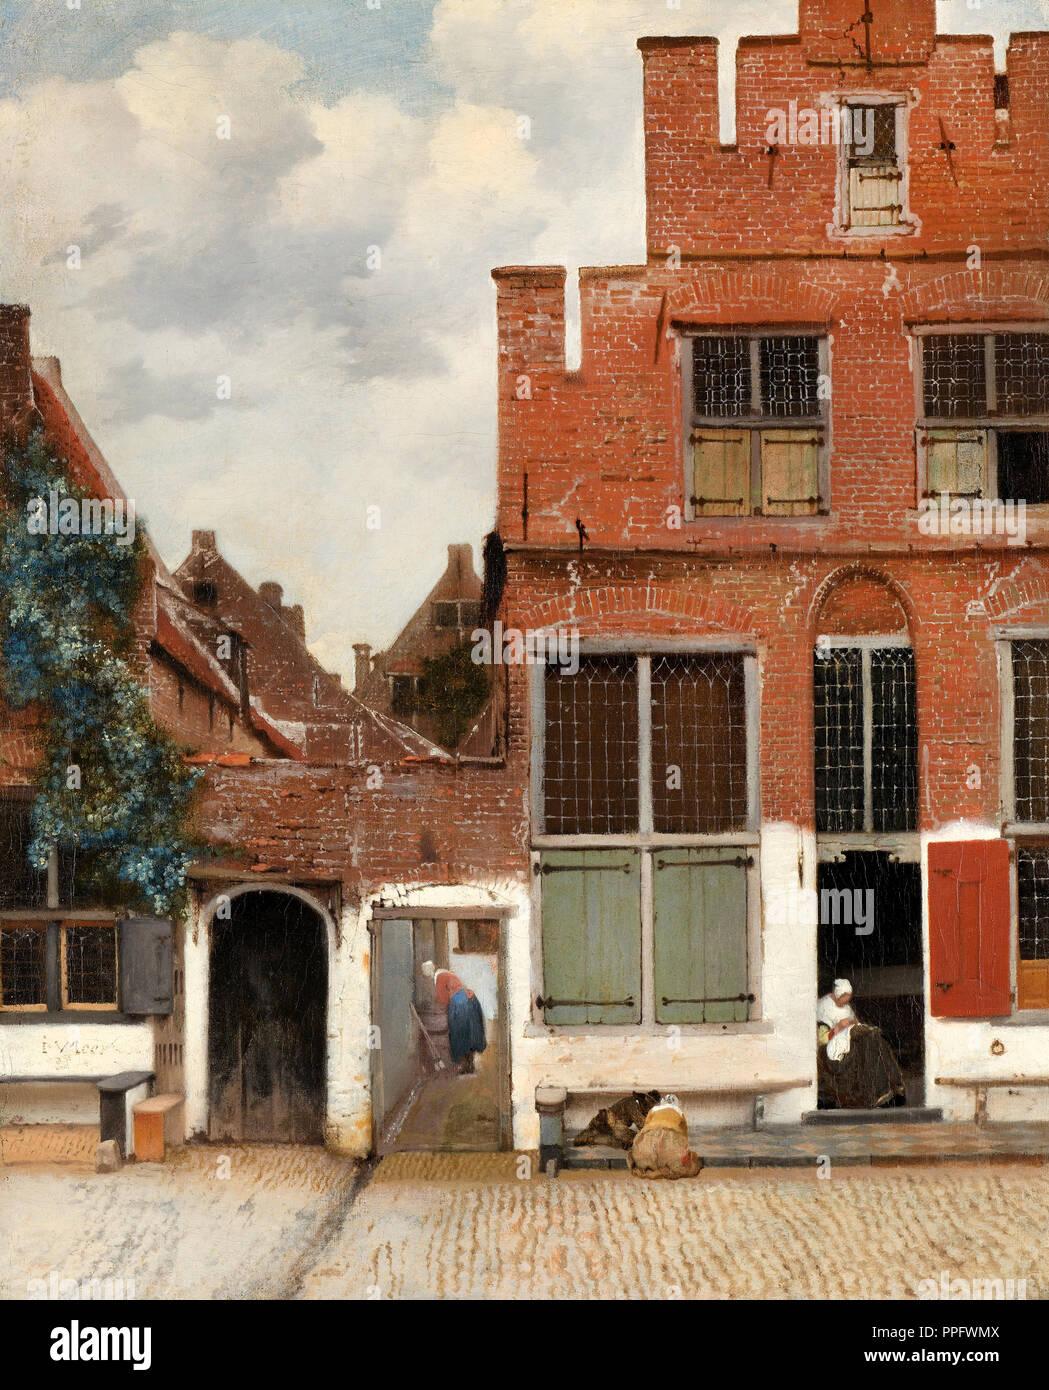 """Johannes Vermeer - vue sur les maisons à Delft, connu comme 'la petite rue"""". Circa 1658. Huile sur toile. Rijksmuseum Amsterdam, Pays-Bas. Photo Stock"""